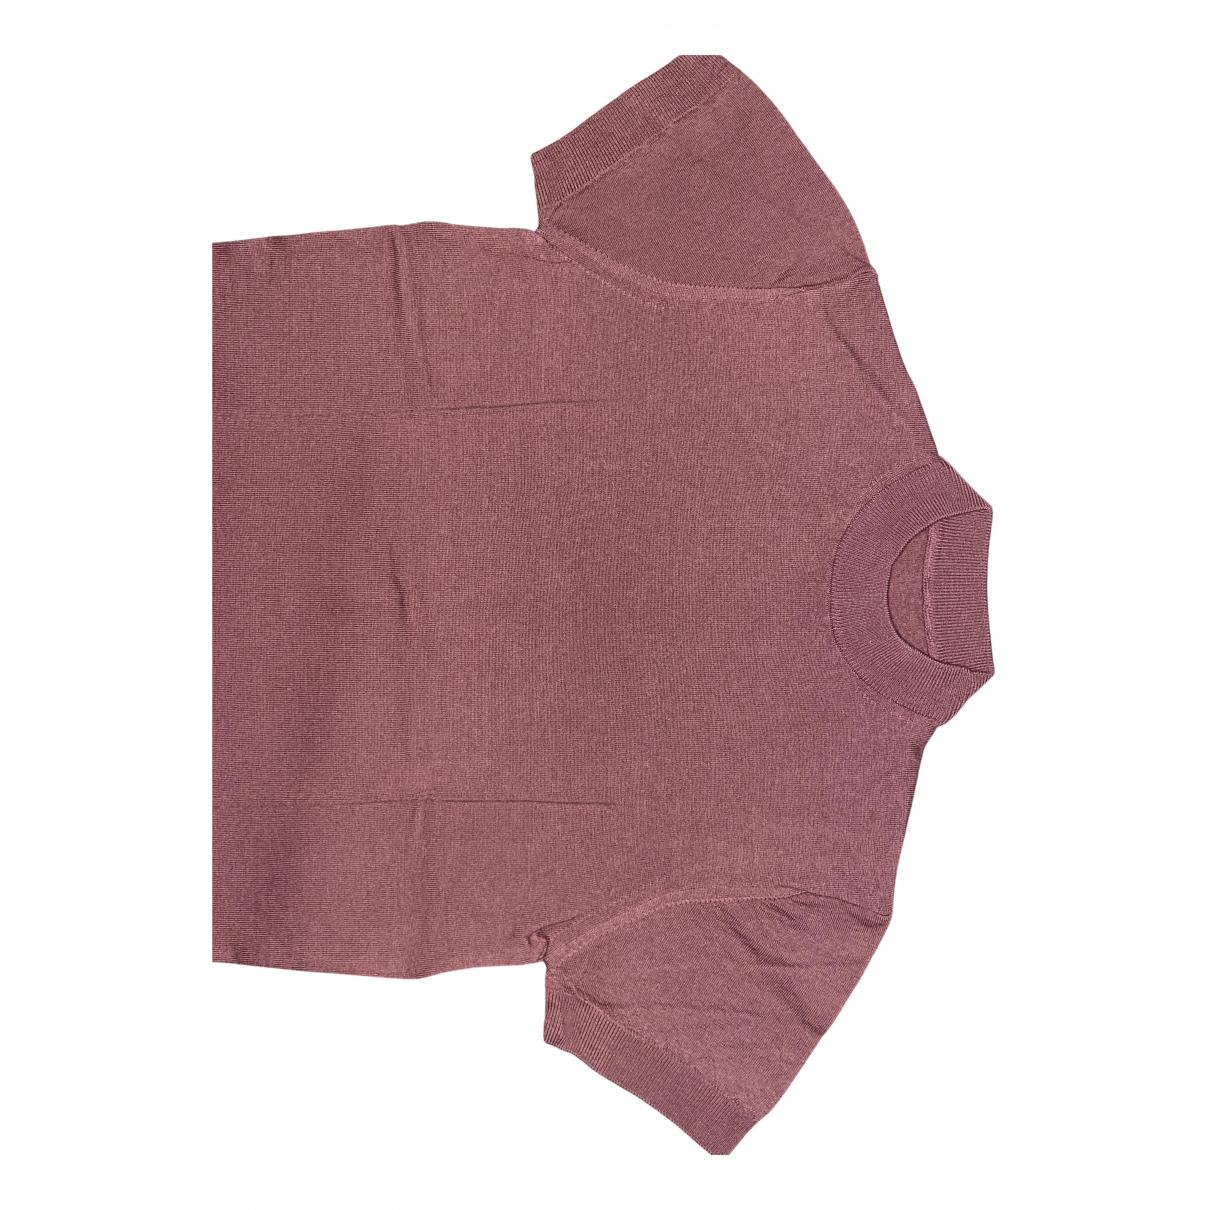 Zara - Tee shirts   pour homme en coton - rose